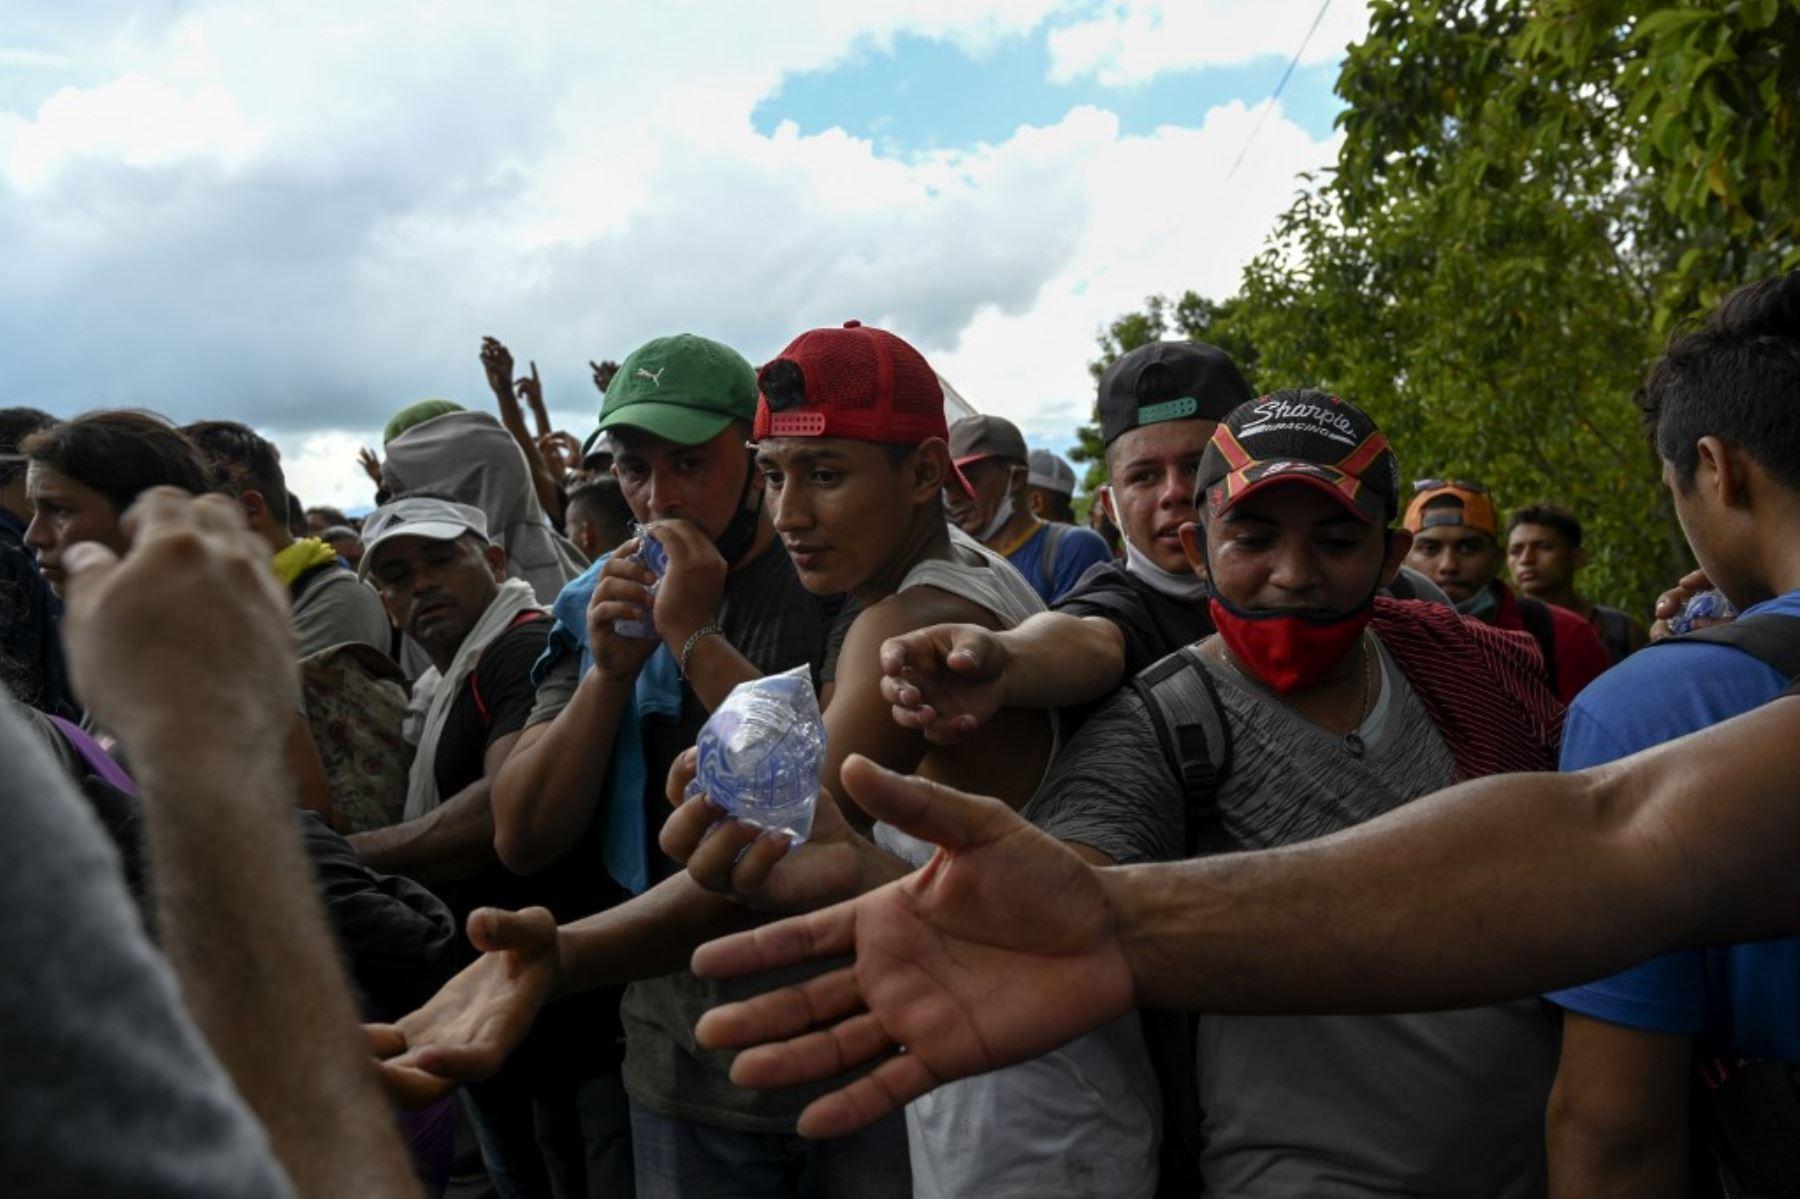 Migrantes hondureños, parte de una caravana rumbo a Estados Unidos, buscan agua que les entregan miembros del Ejército de Guatemala, en Entre Ríos, Guatemala, luego de cruzar la frontera de Honduras. Foto: AFP